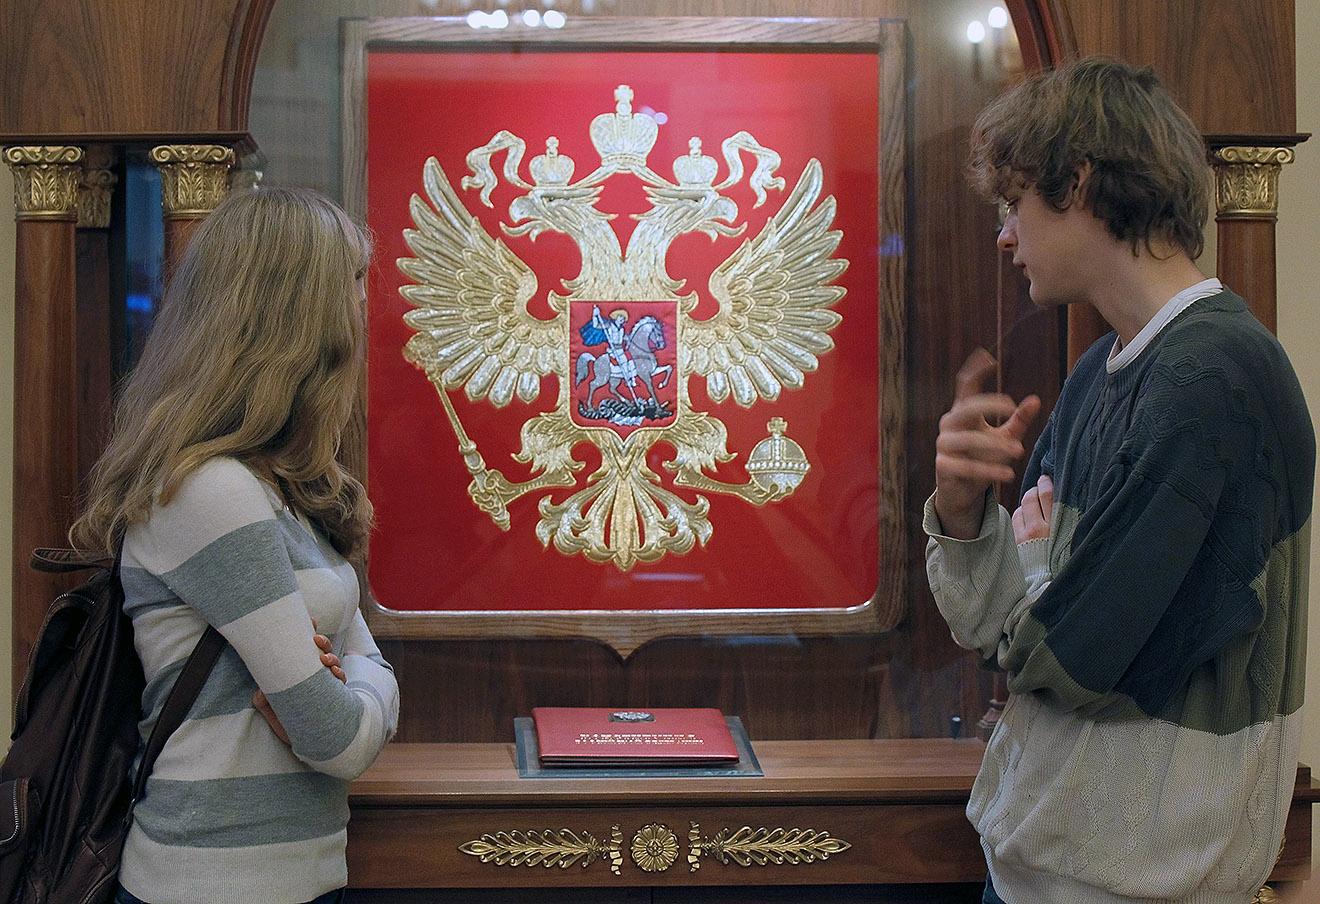 Школьники во время интерактивного урока, посвященного 20-летию Конституции РФ, в Президентской библиотеке имени Ельцина.